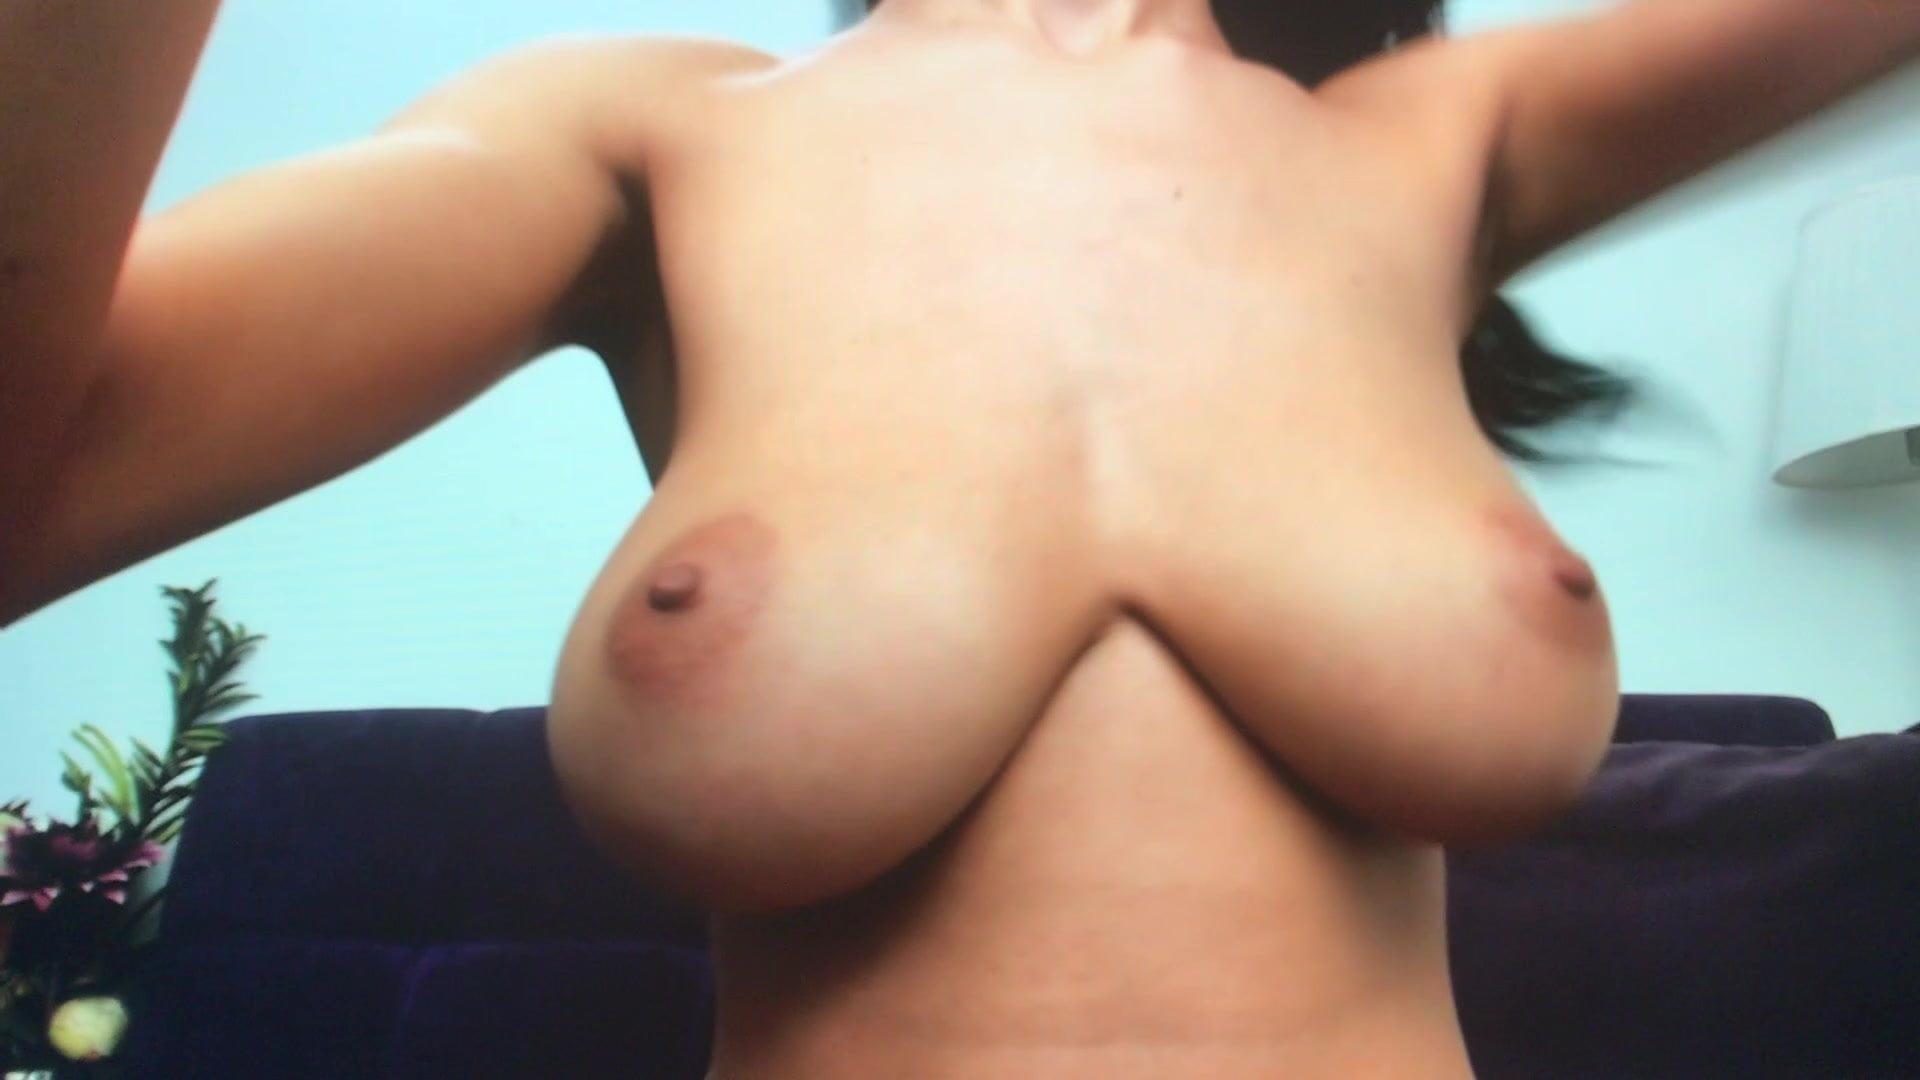 Big bouncing tits free pics